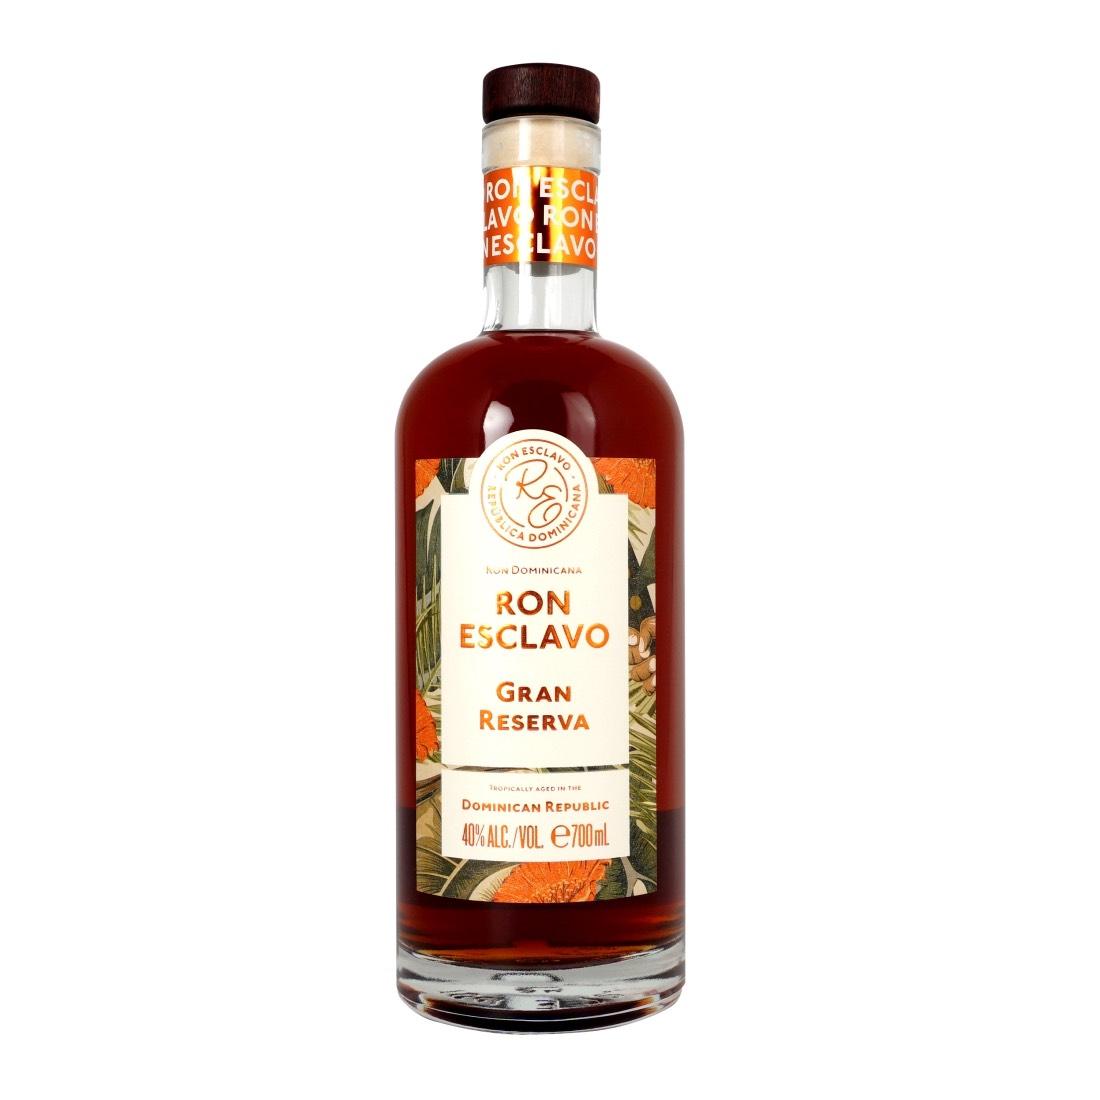 Bottle image of Ron Esclavo Gran Reserva